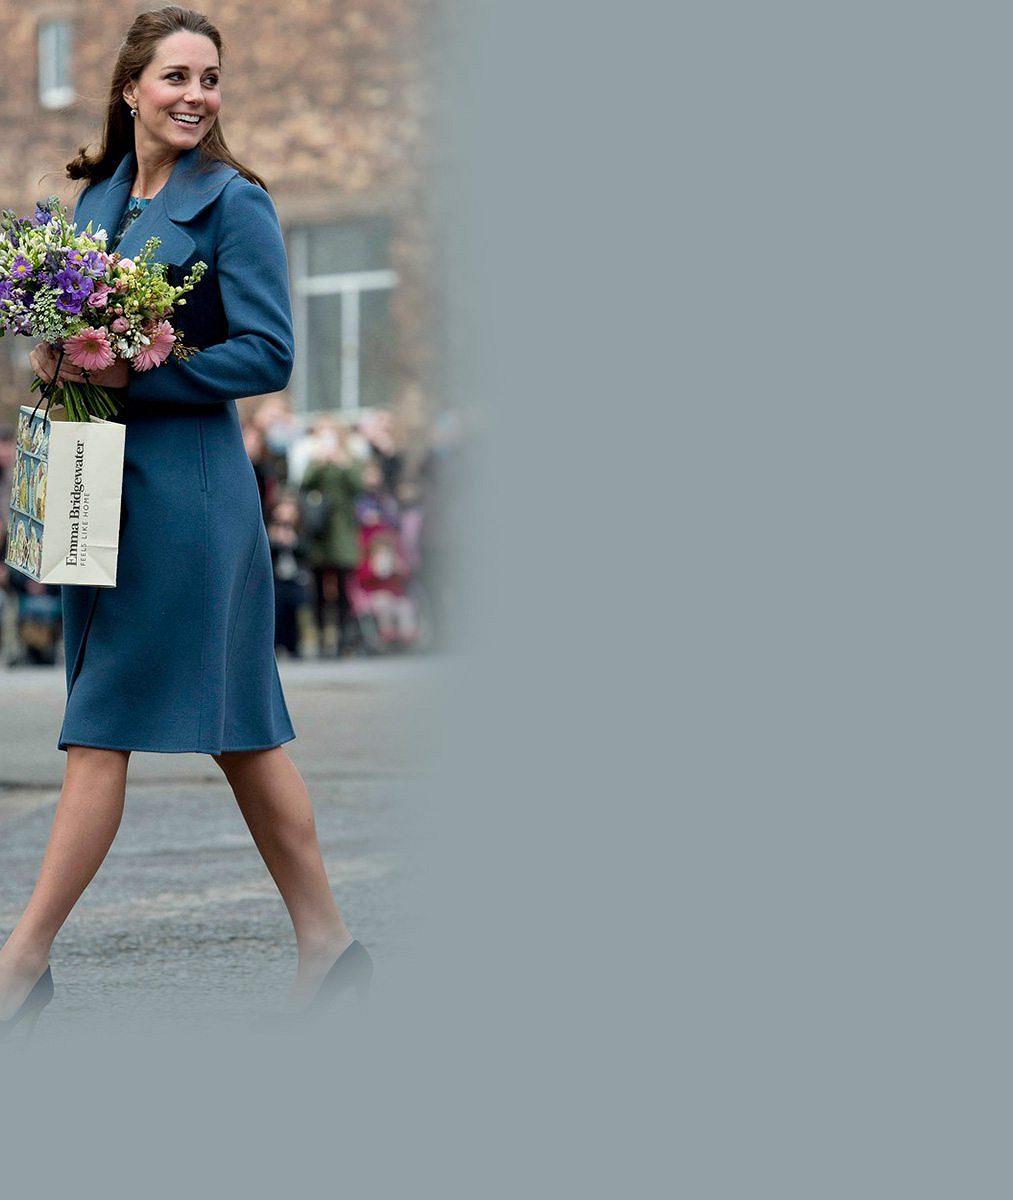 Královské povinnosti jí dávají zabrat: Těhotná princezna Kate odhalila stříbro ve vlasech